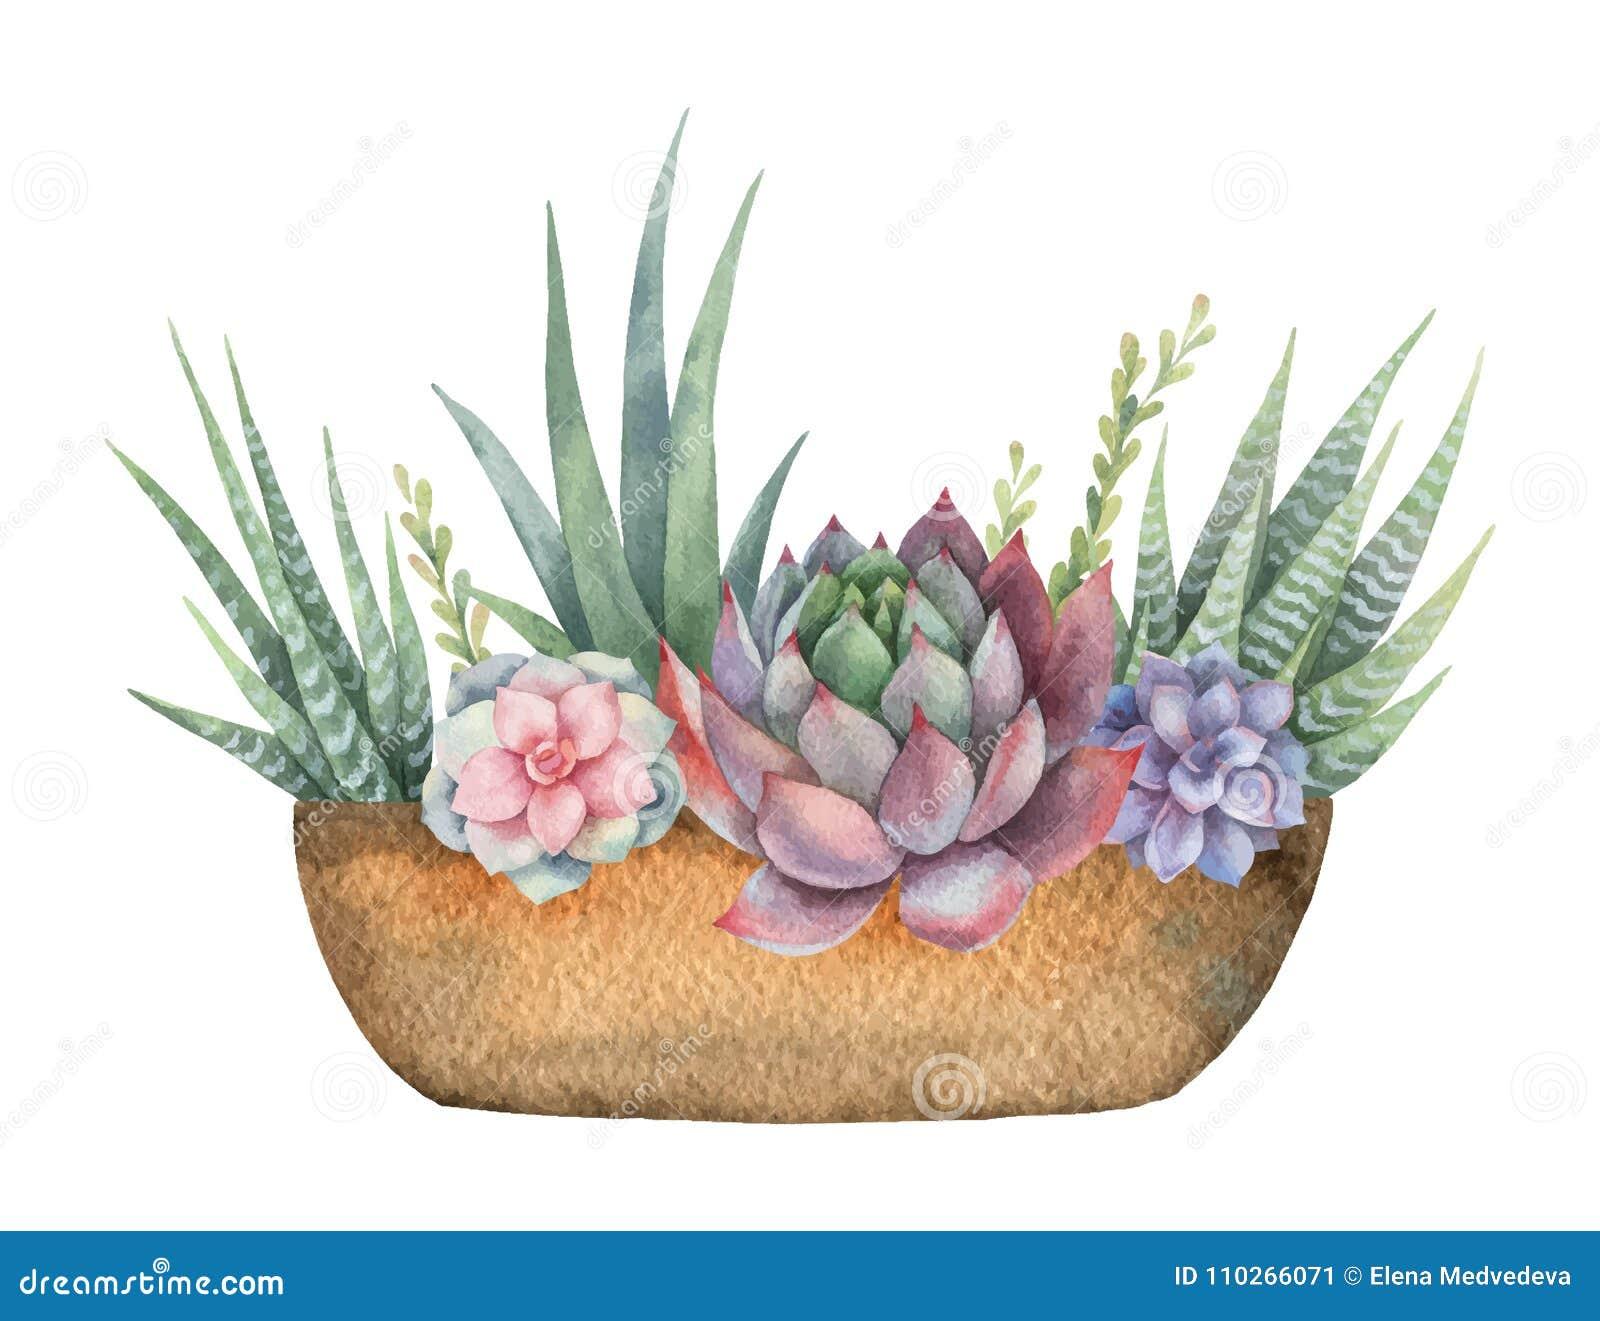 水彩传染媒介结构的仙人掌和多汁植物在白色背景隔绝的罐